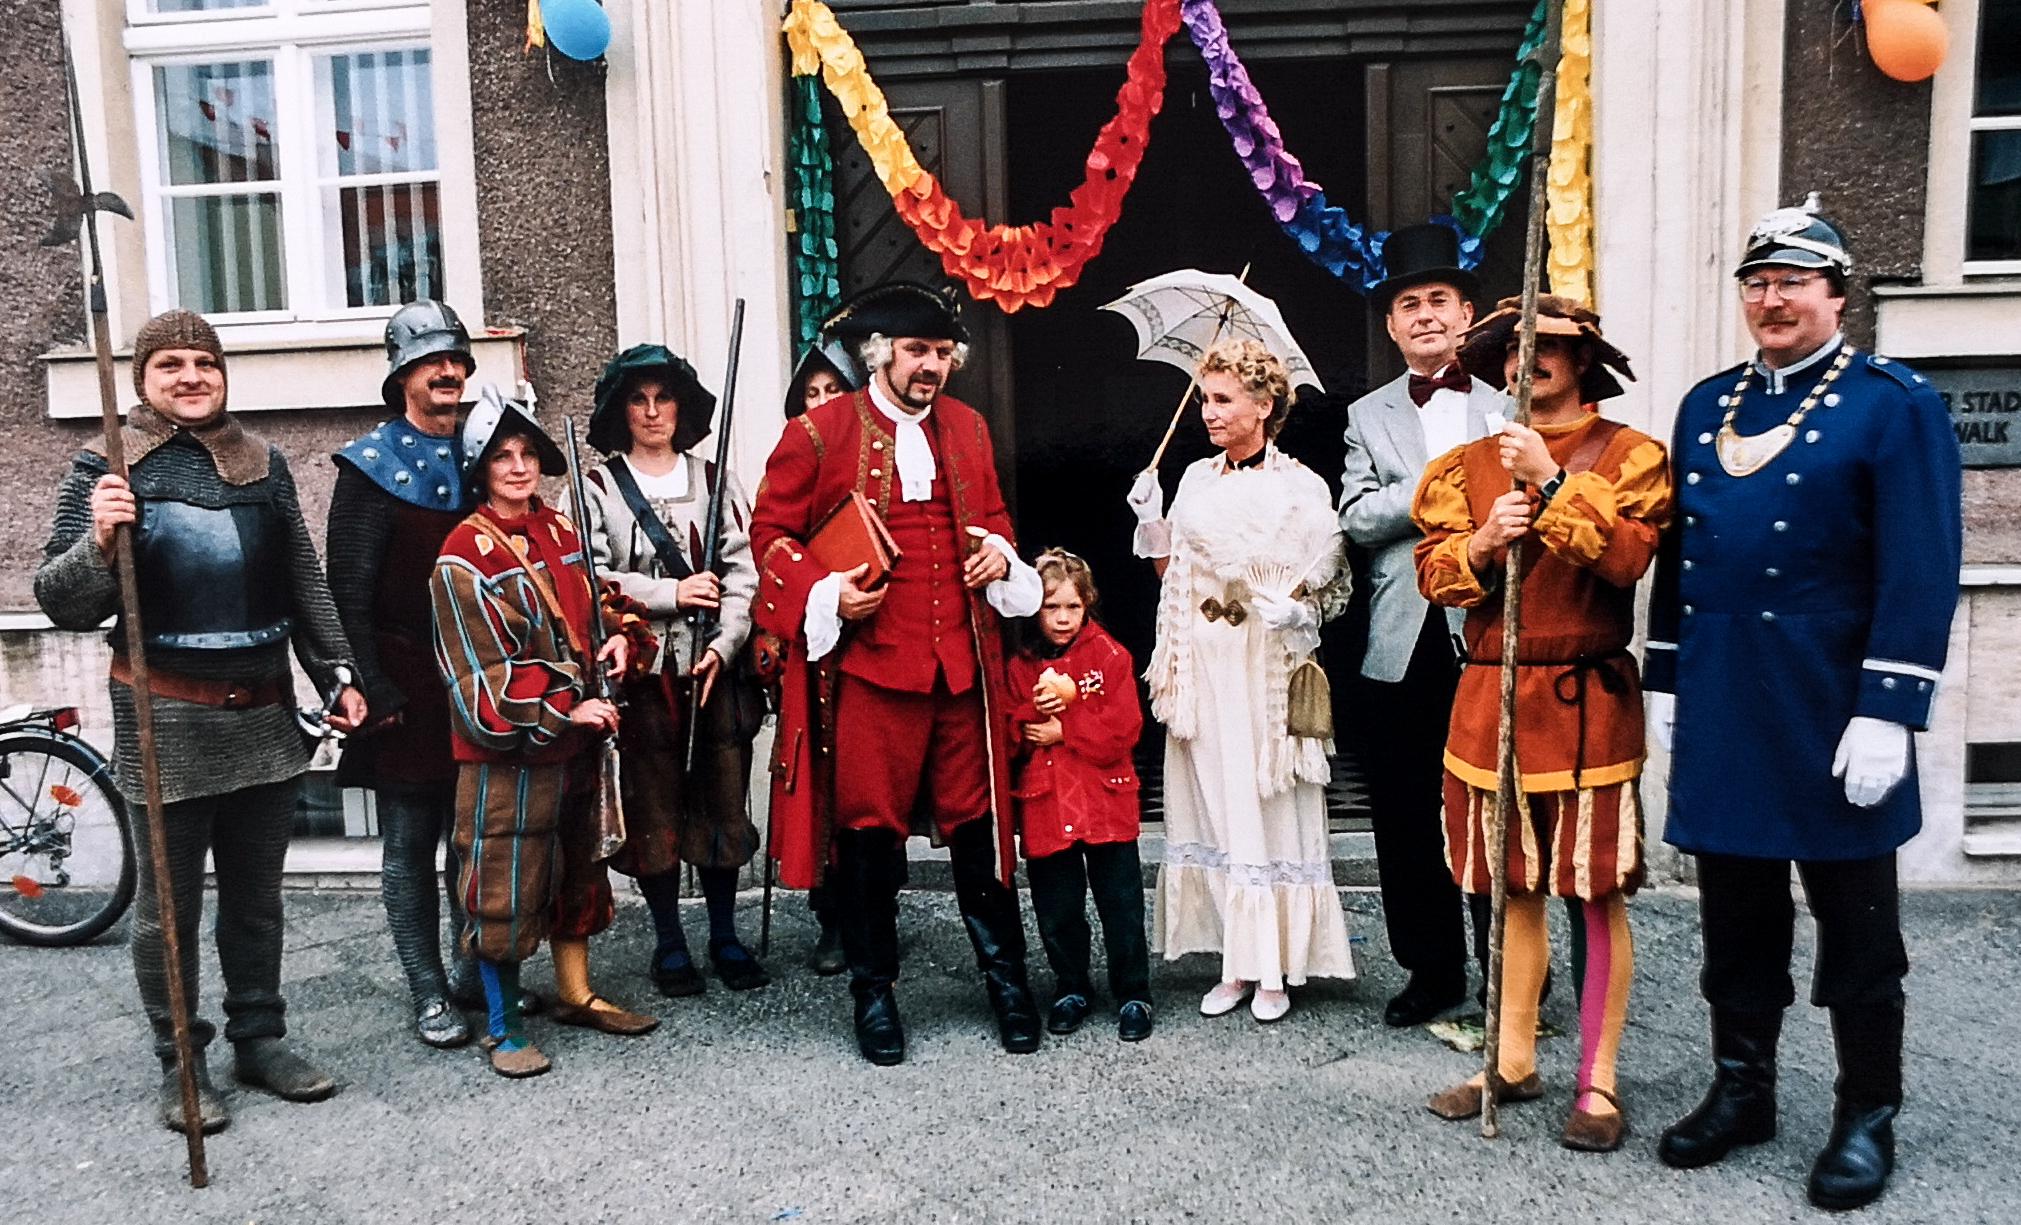 """Kostümiert haben sich die Pritzwalkerinnen und Pritzwalker auch bei """"normalen"""" Stadtfesten sehr gern – allen voran die Mitarbeiterinnen und Mitarbeiter der Stadtverwaltung, wie diese Aufnahmen von 1995 (l.) und 1996 (r.) zeigen."""